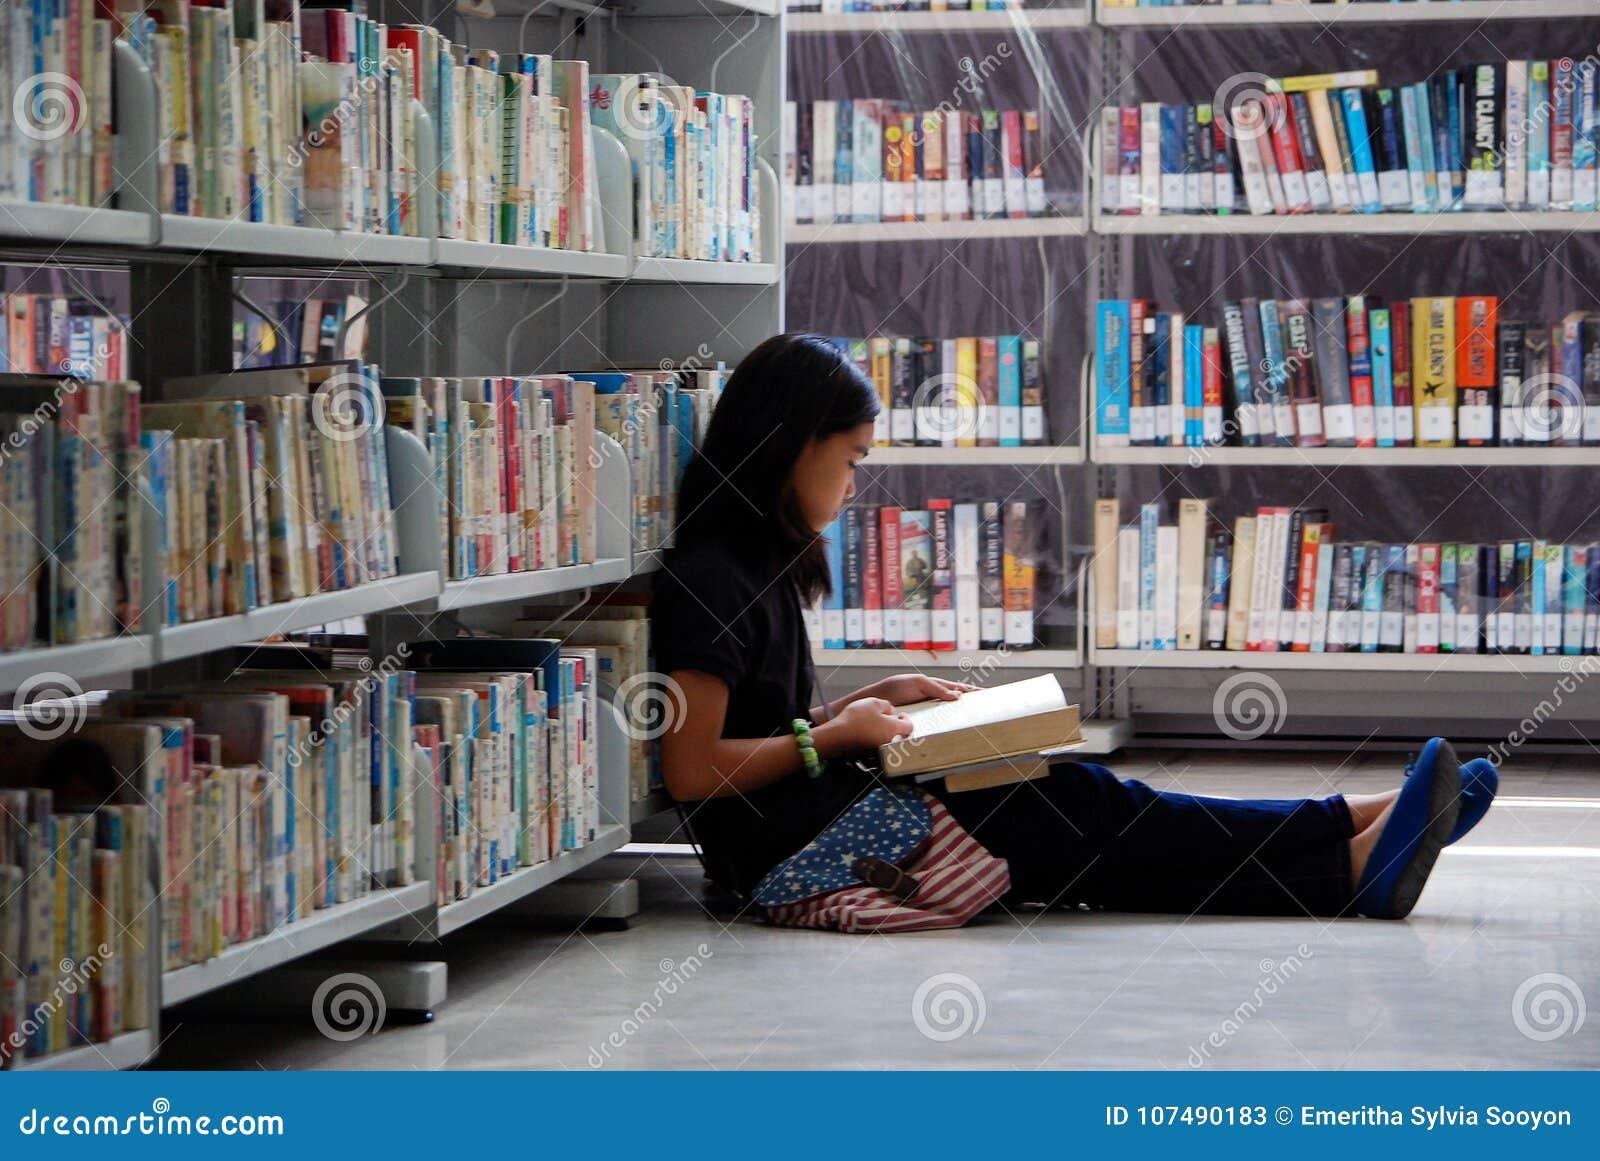 Vreedzaam lezend in de bibliotheek